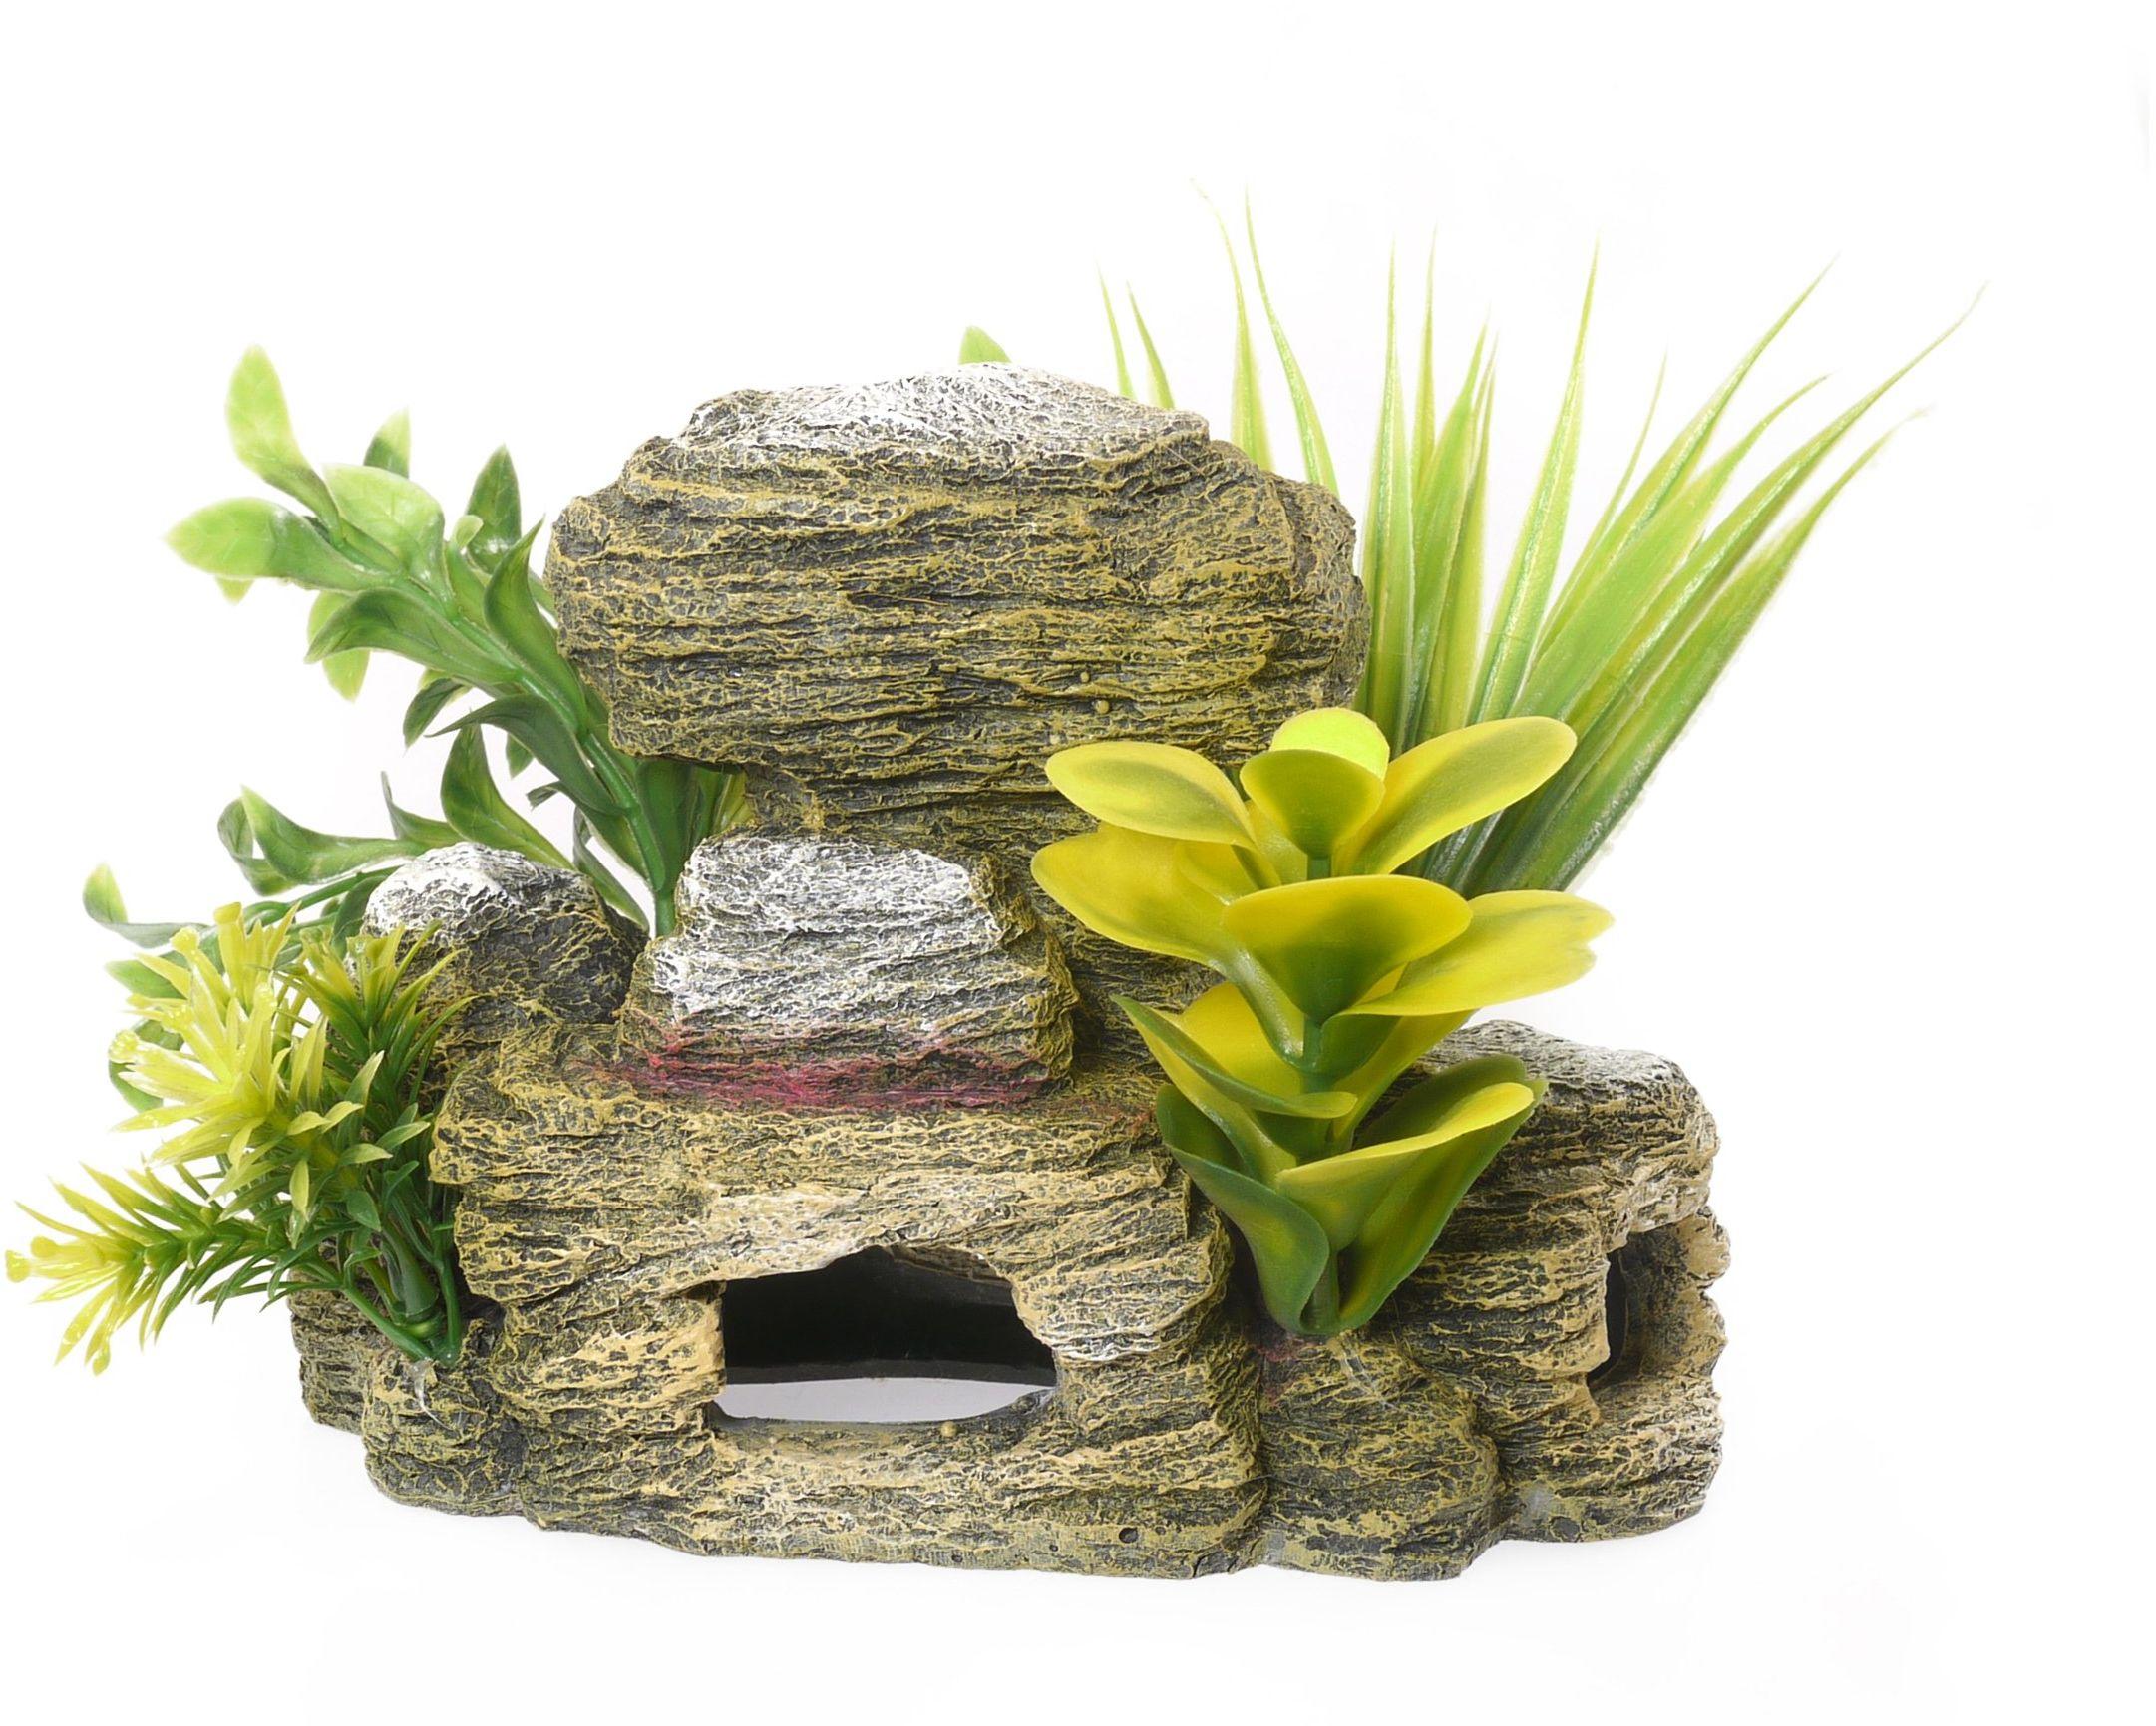 Palisander skalista jaskinia z roślinami akwarium / ozdoba do akwarium